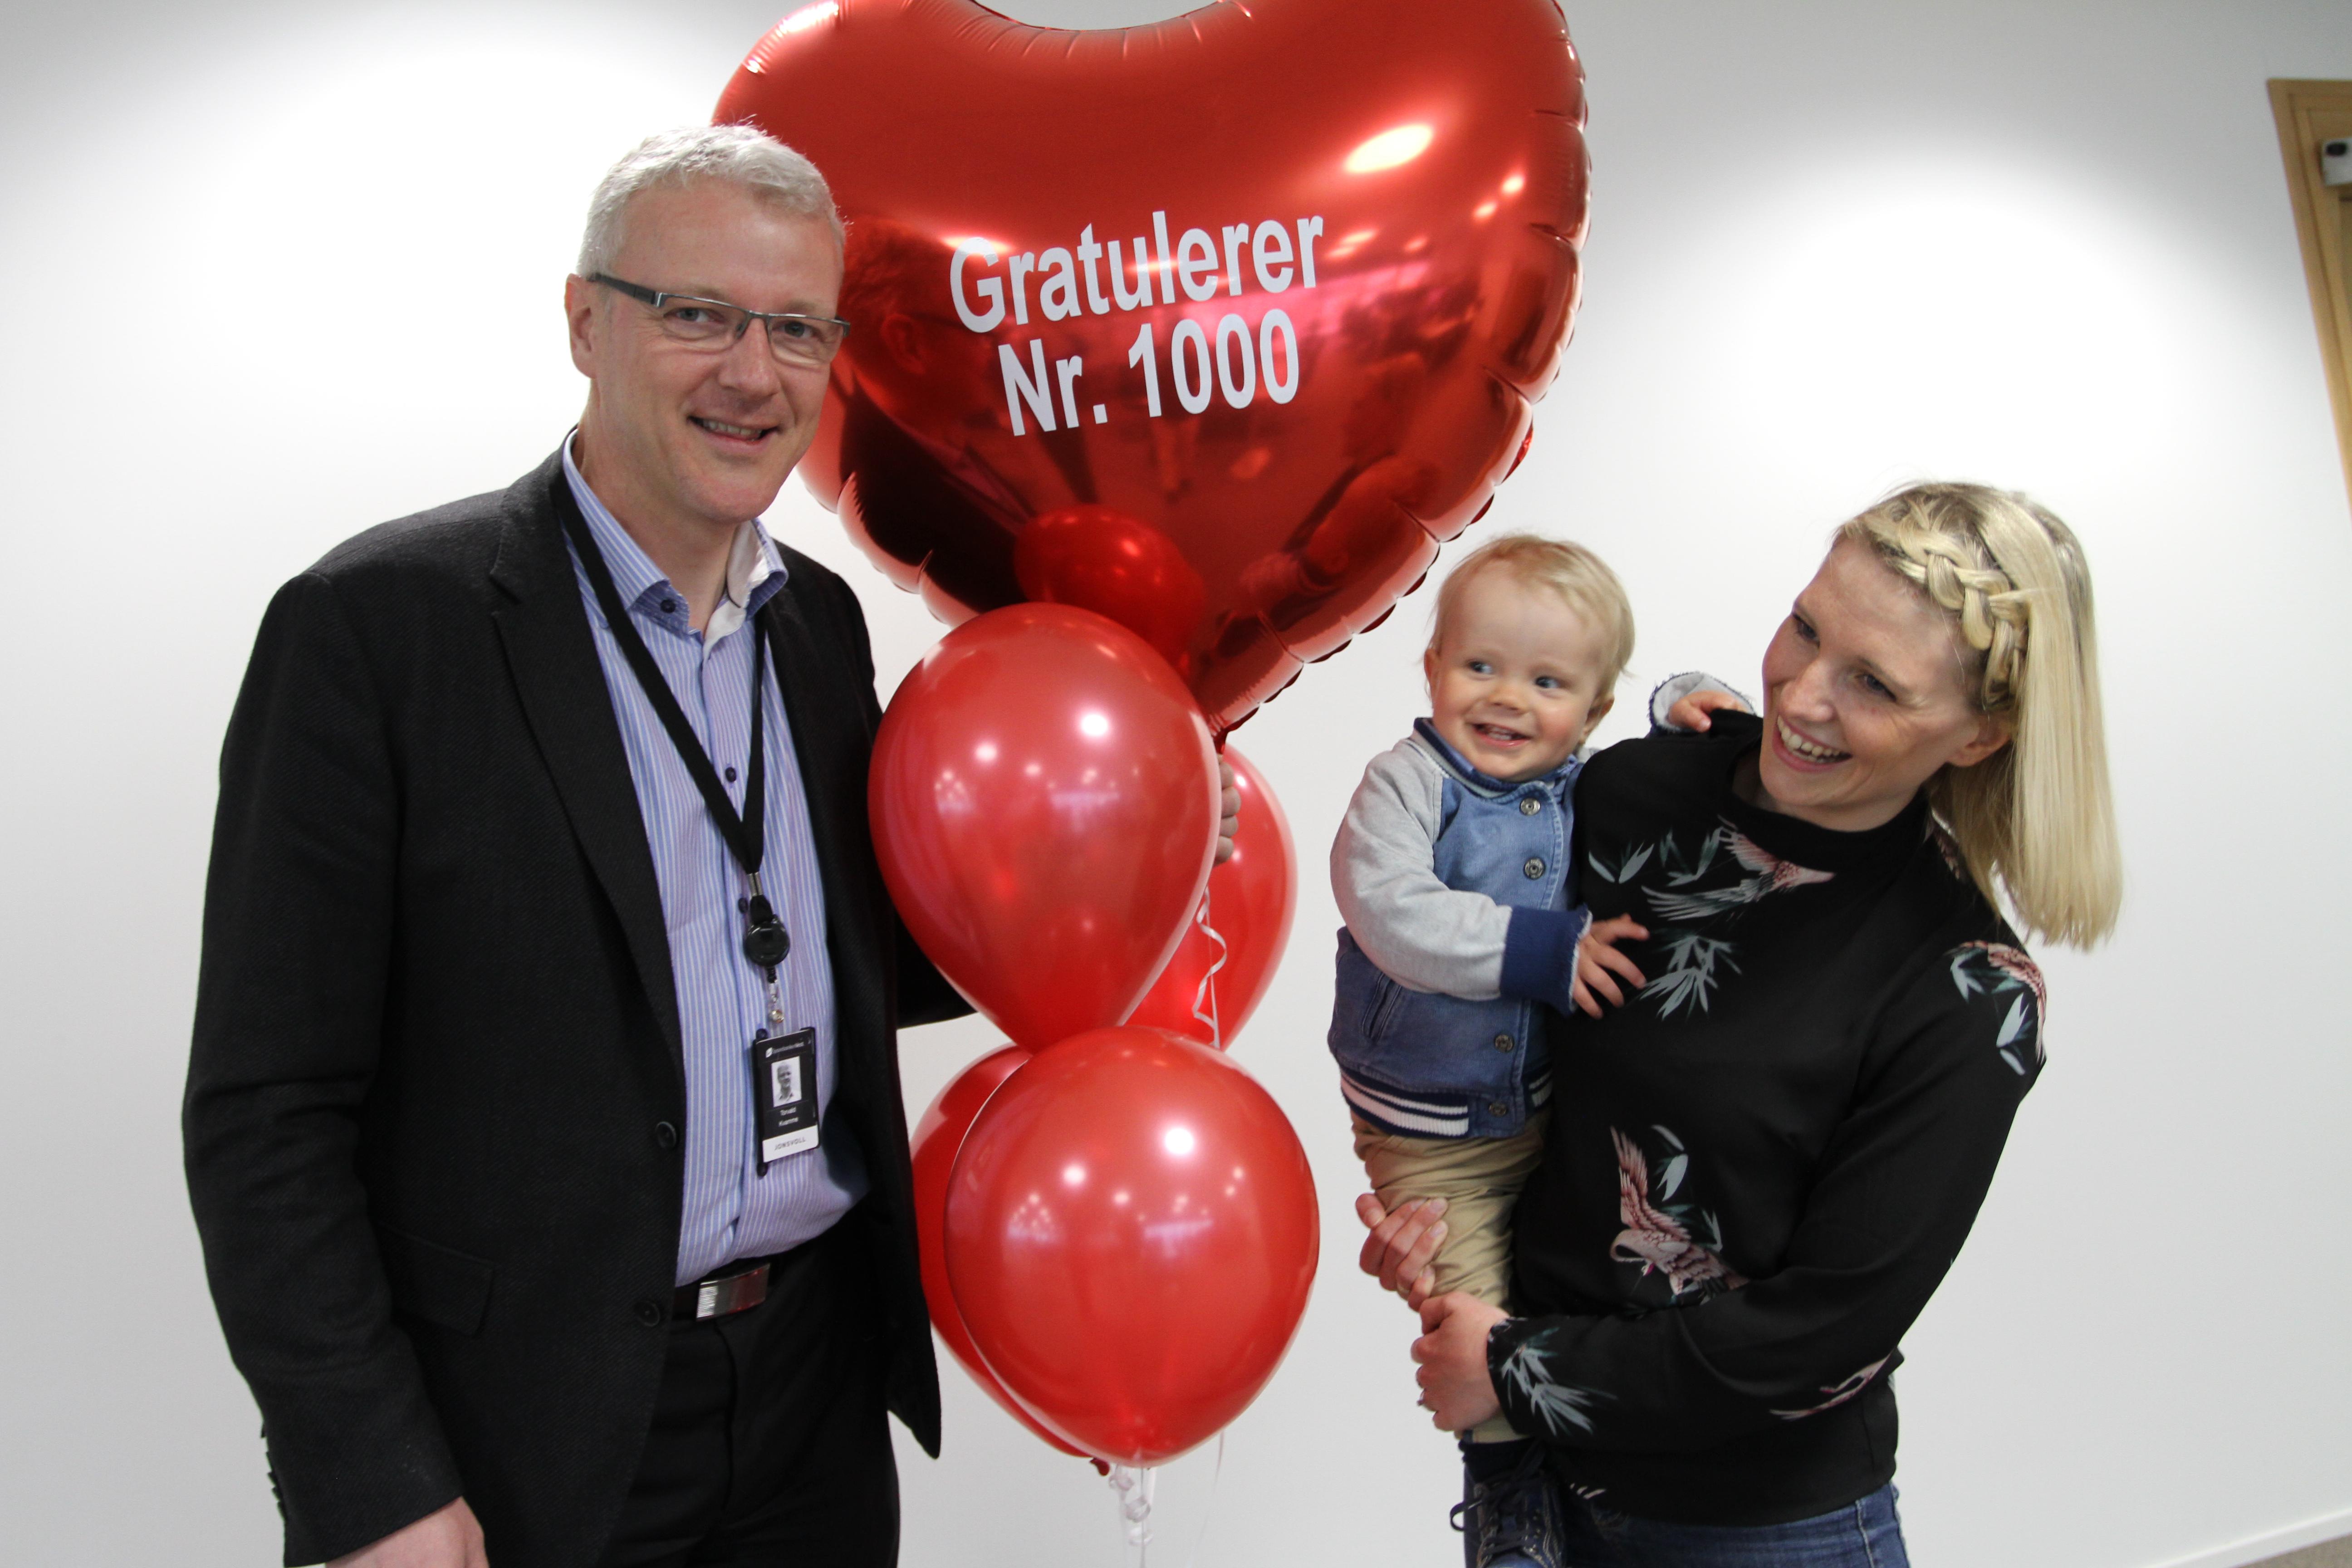 Kun 18 dager etter at Torvald Kvamme og hans team gjorde det mulig å opprette nye barnekontoer fra bussen elelr sofakroken var kunde nr 1.000 på plass. Aldri har kundene strømmet raskere til Sparebanken Vest (Foto: Sparebanken Vest)